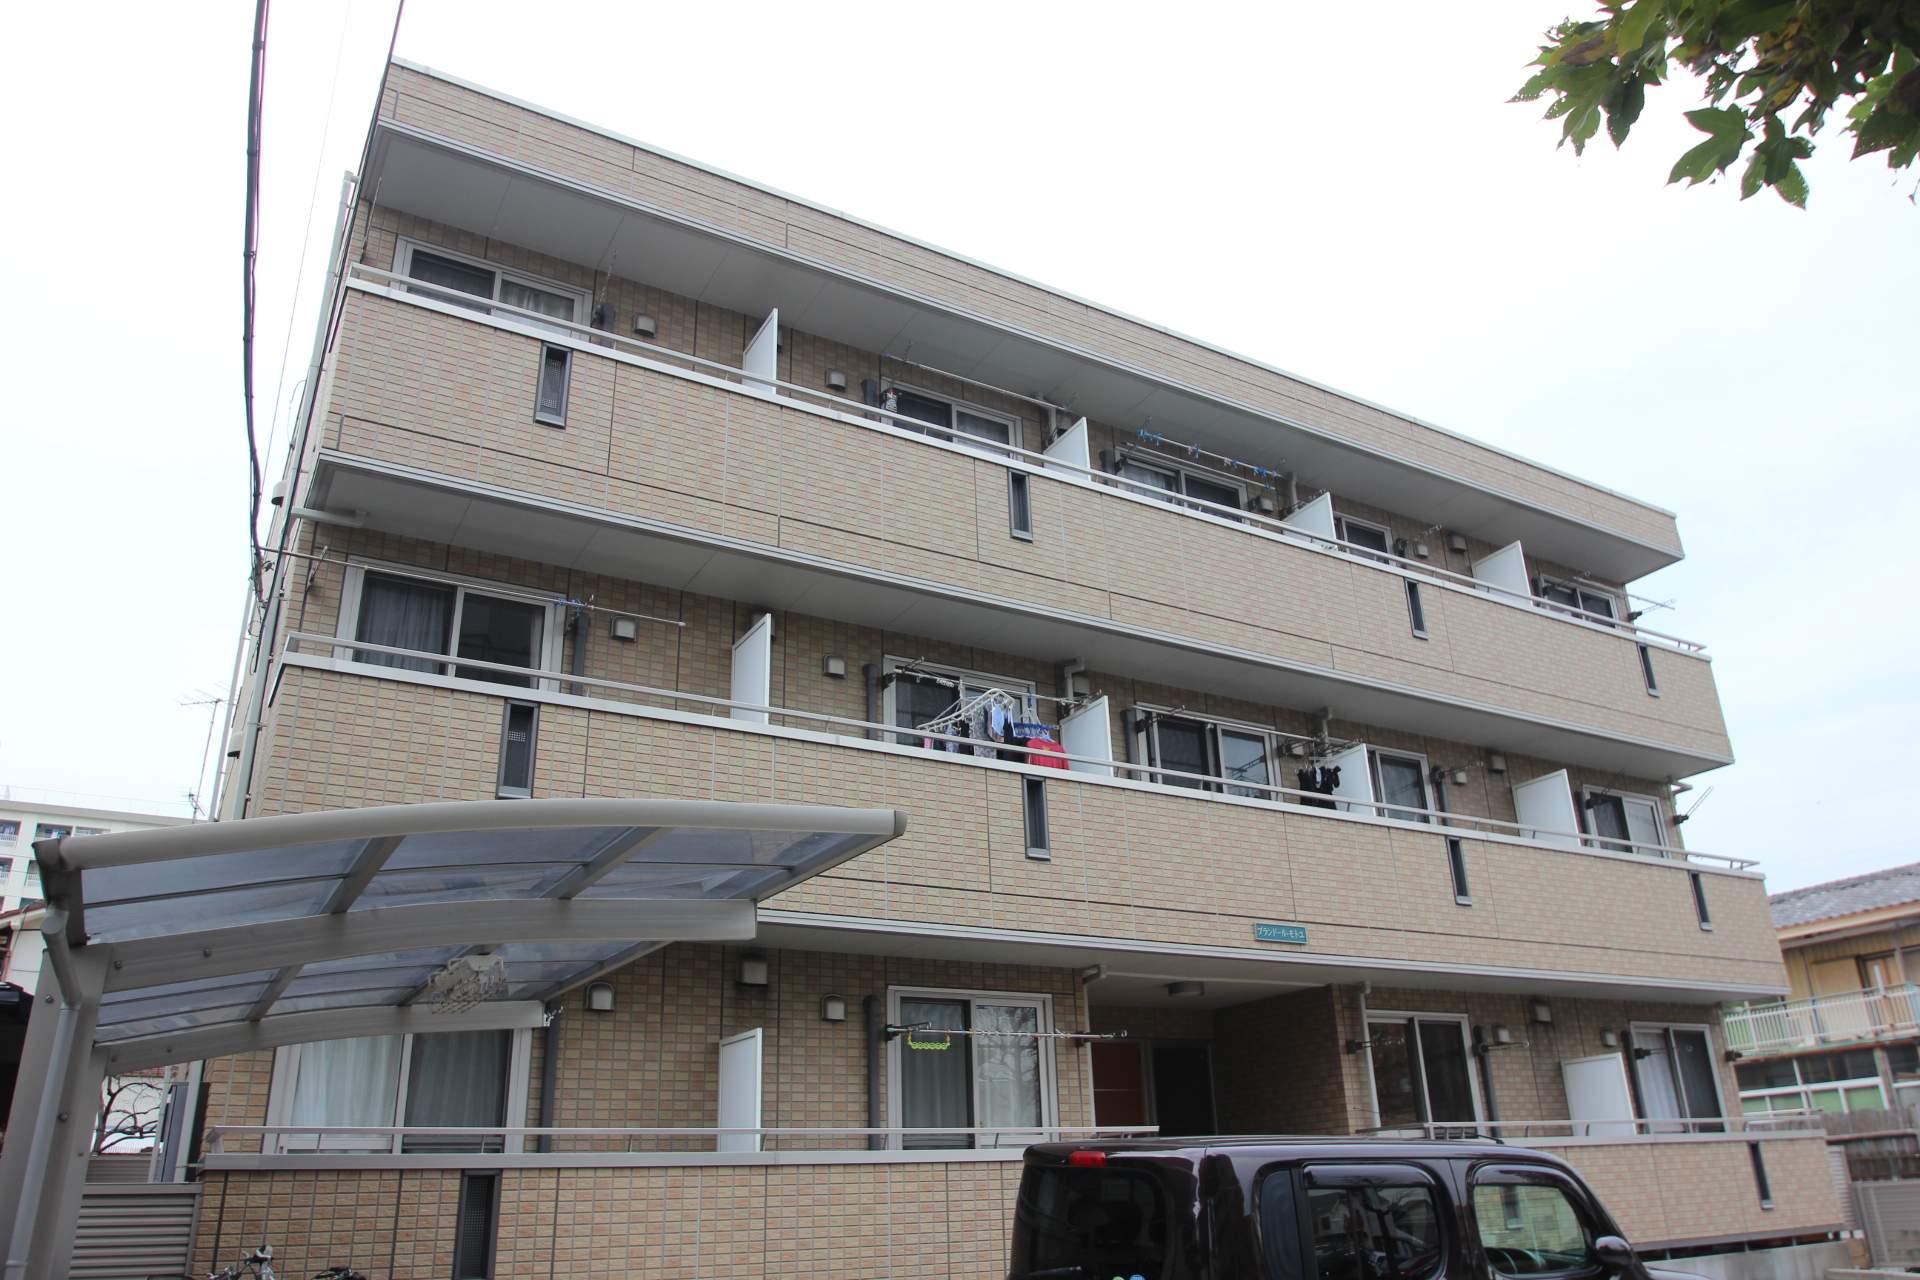 東京都江戸川区、西葛西駅徒歩19分の築10年 3階建の賃貸マンション